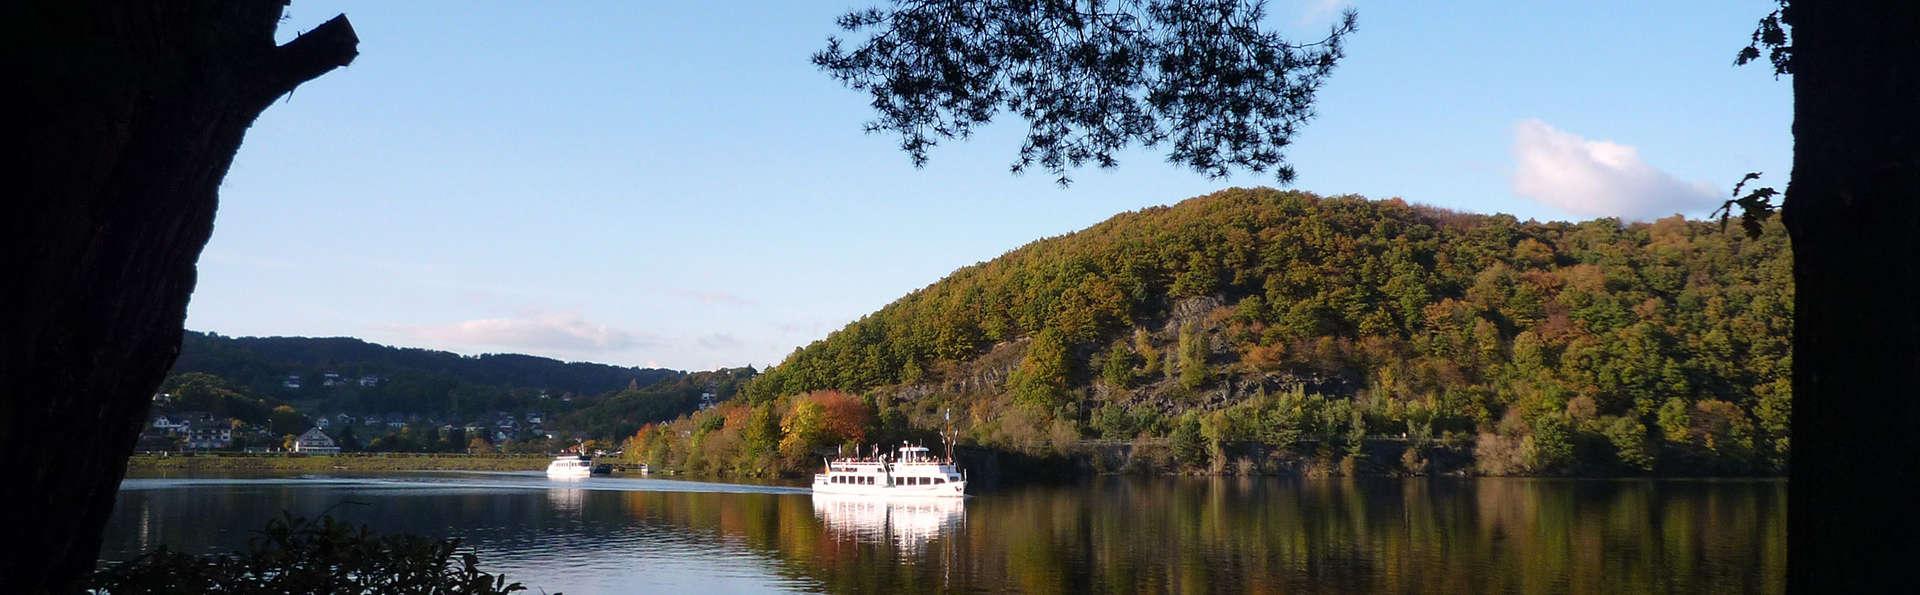 Séjour de détente avec Spa et dîner près de Monschau, en Allemagne (à partir de 2 nuits)